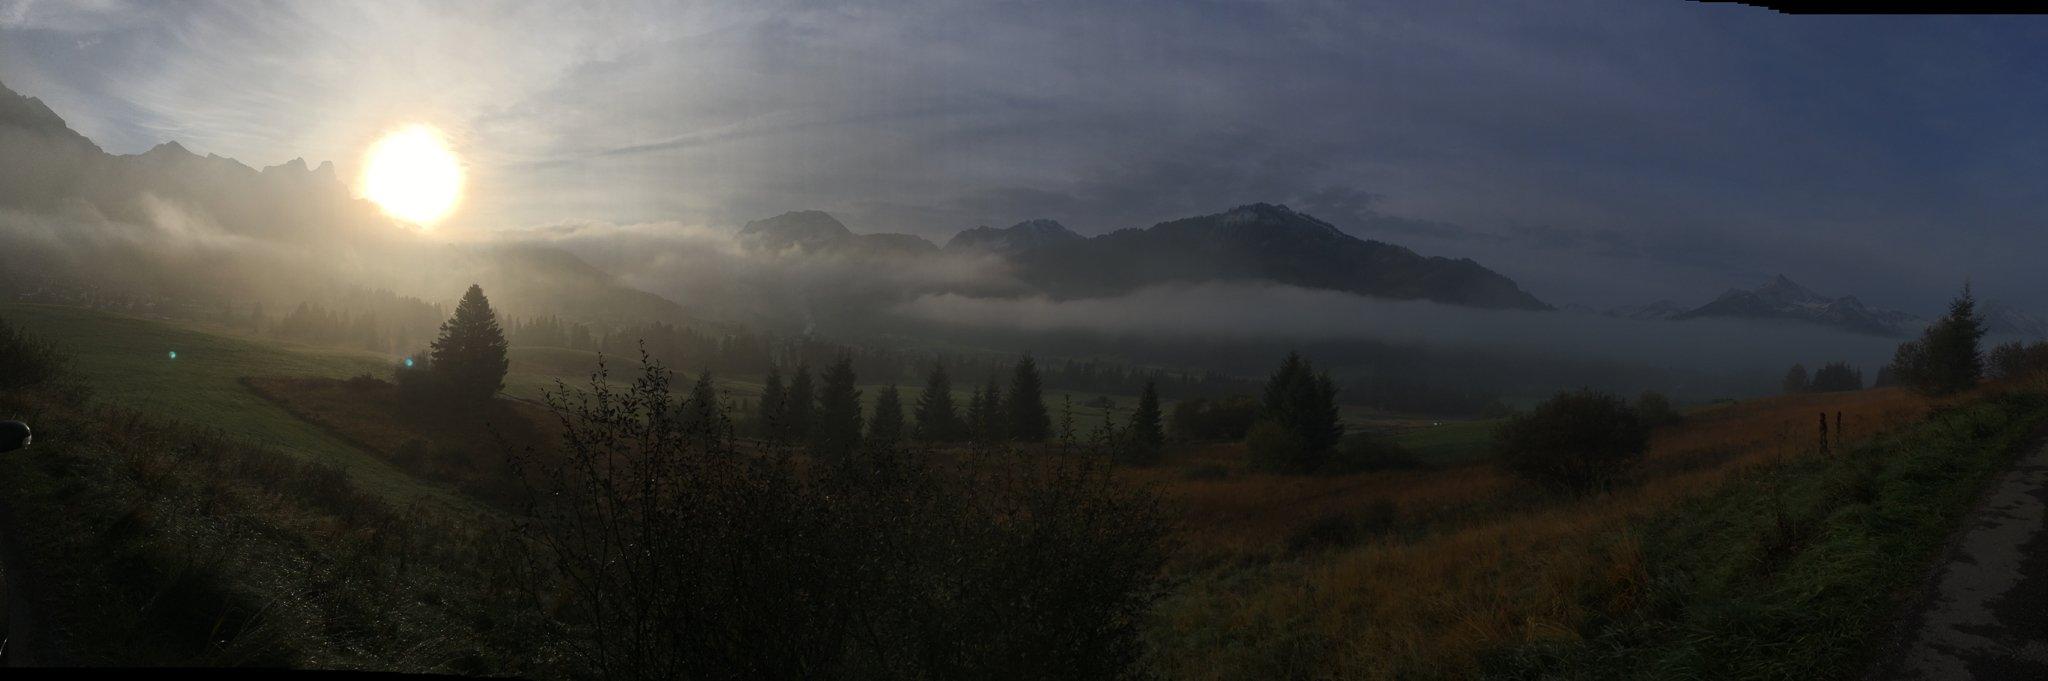 """Es folgen Fotos aus der Reihe """"Morgennebel im Tannheimer Tal"""" #meurers #TannheimerTal #Nebel https://t.co/nATGOg9E6a"""